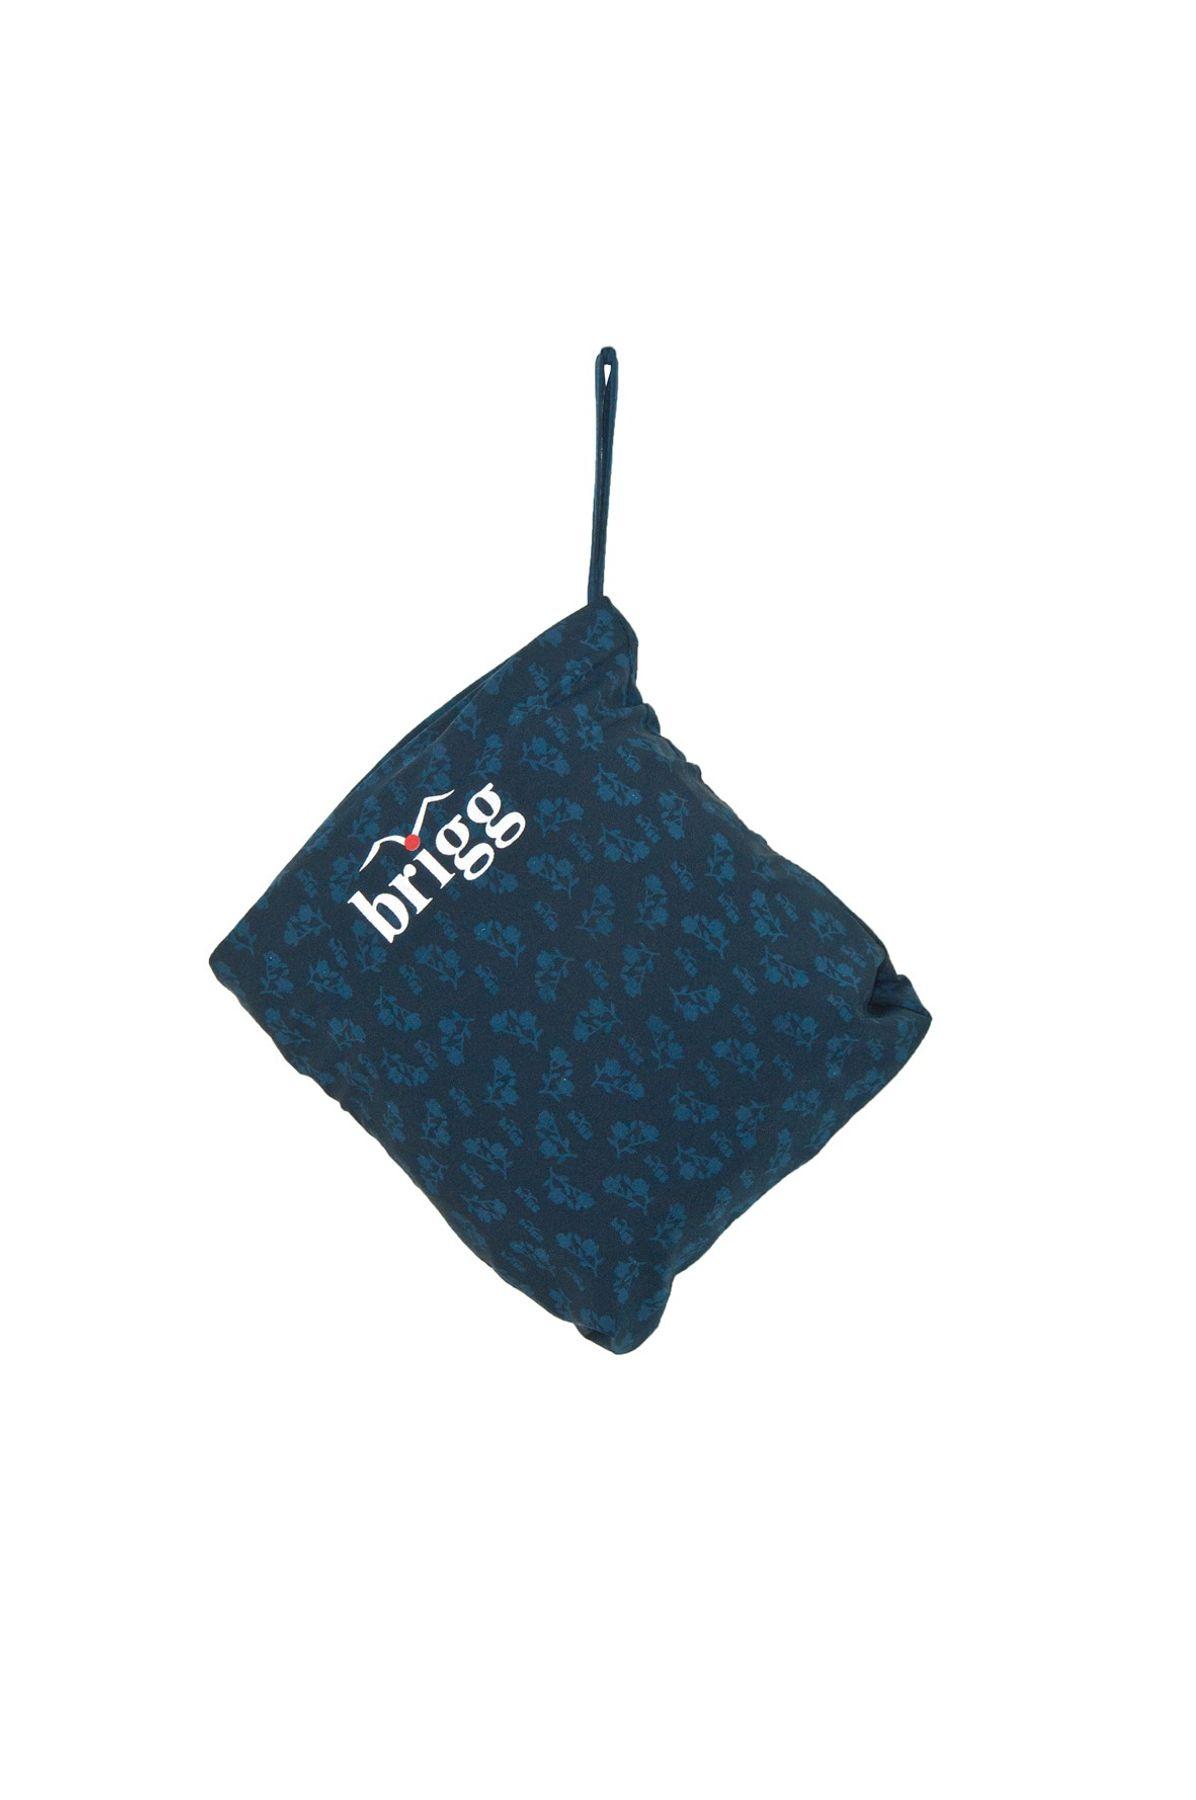 Brigg - Damen Stretch Funktionsjacke mit 'invisible print' (wird erst durch Feuchtigkeit sichtbar), F/S, (10778524) – Bild 6